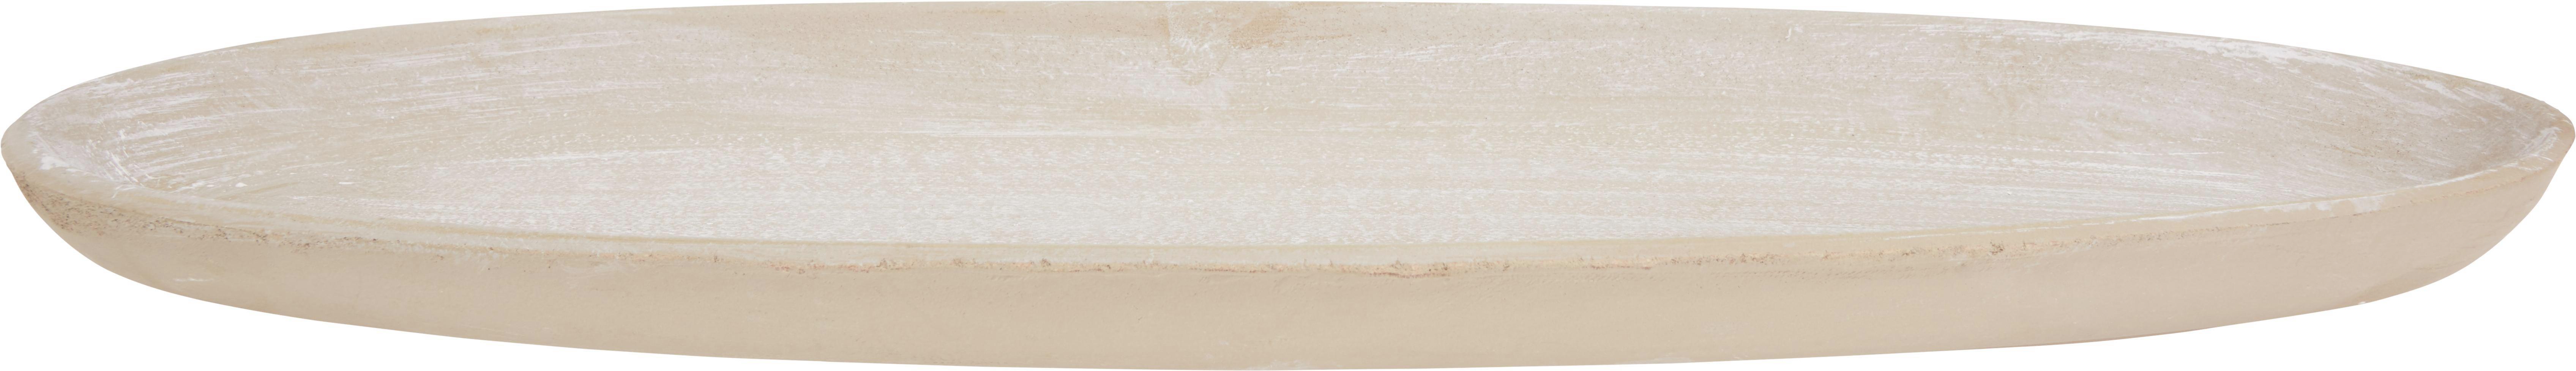 Dísztányér Dana - fehér, romantikus/Landhaus, fa (52/18/3cm) - MÖMAX modern living